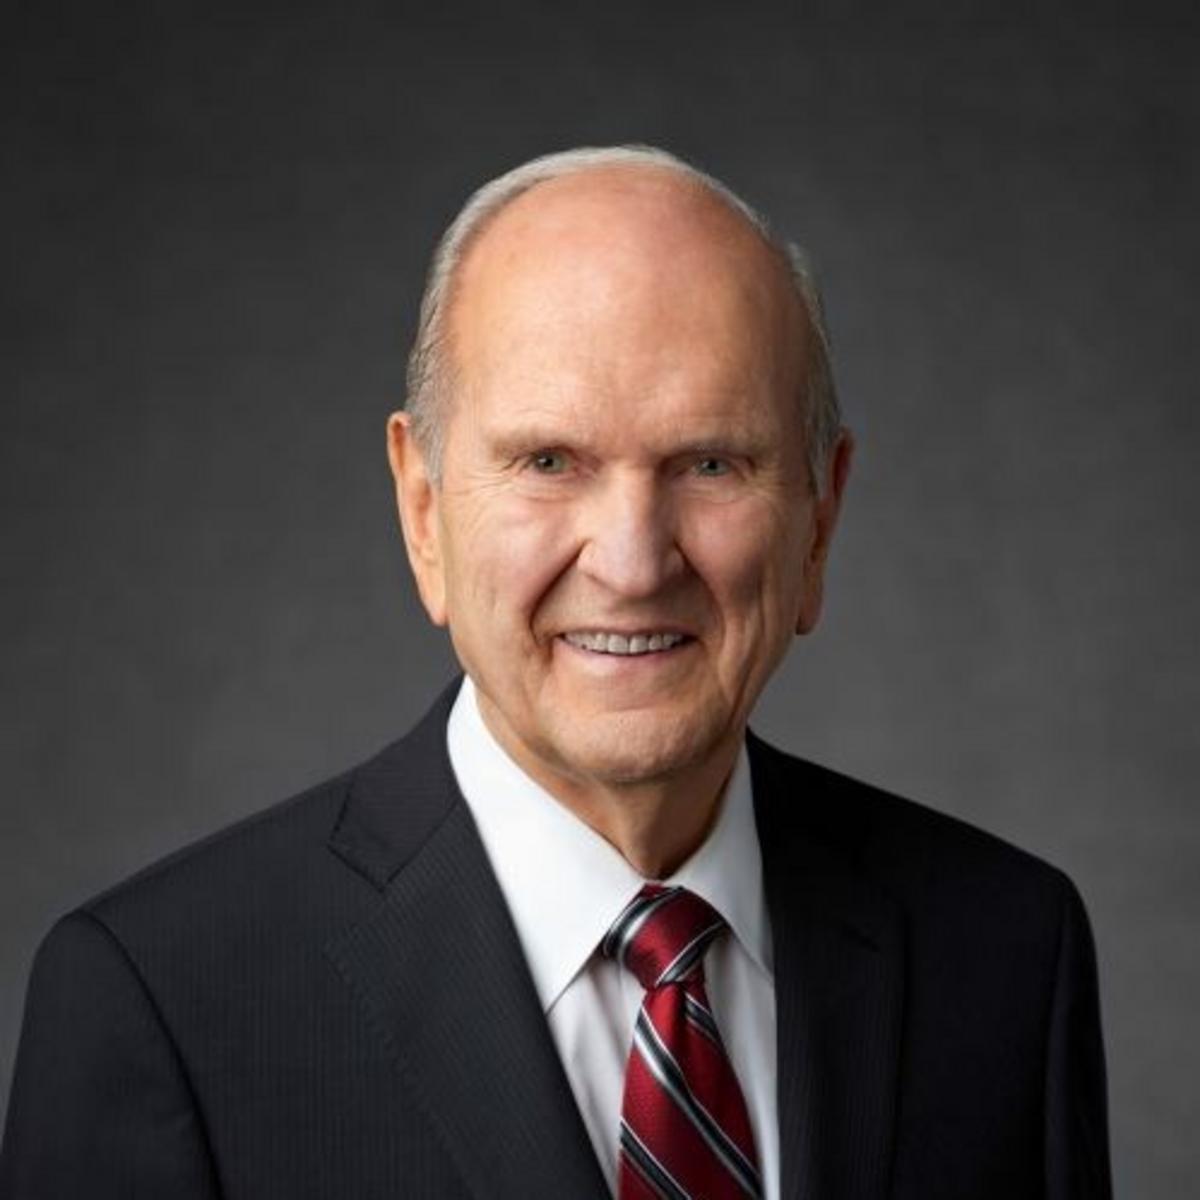 President Russell M. Nelson, president Církve Ježíše Krista Svatých posledních dnů